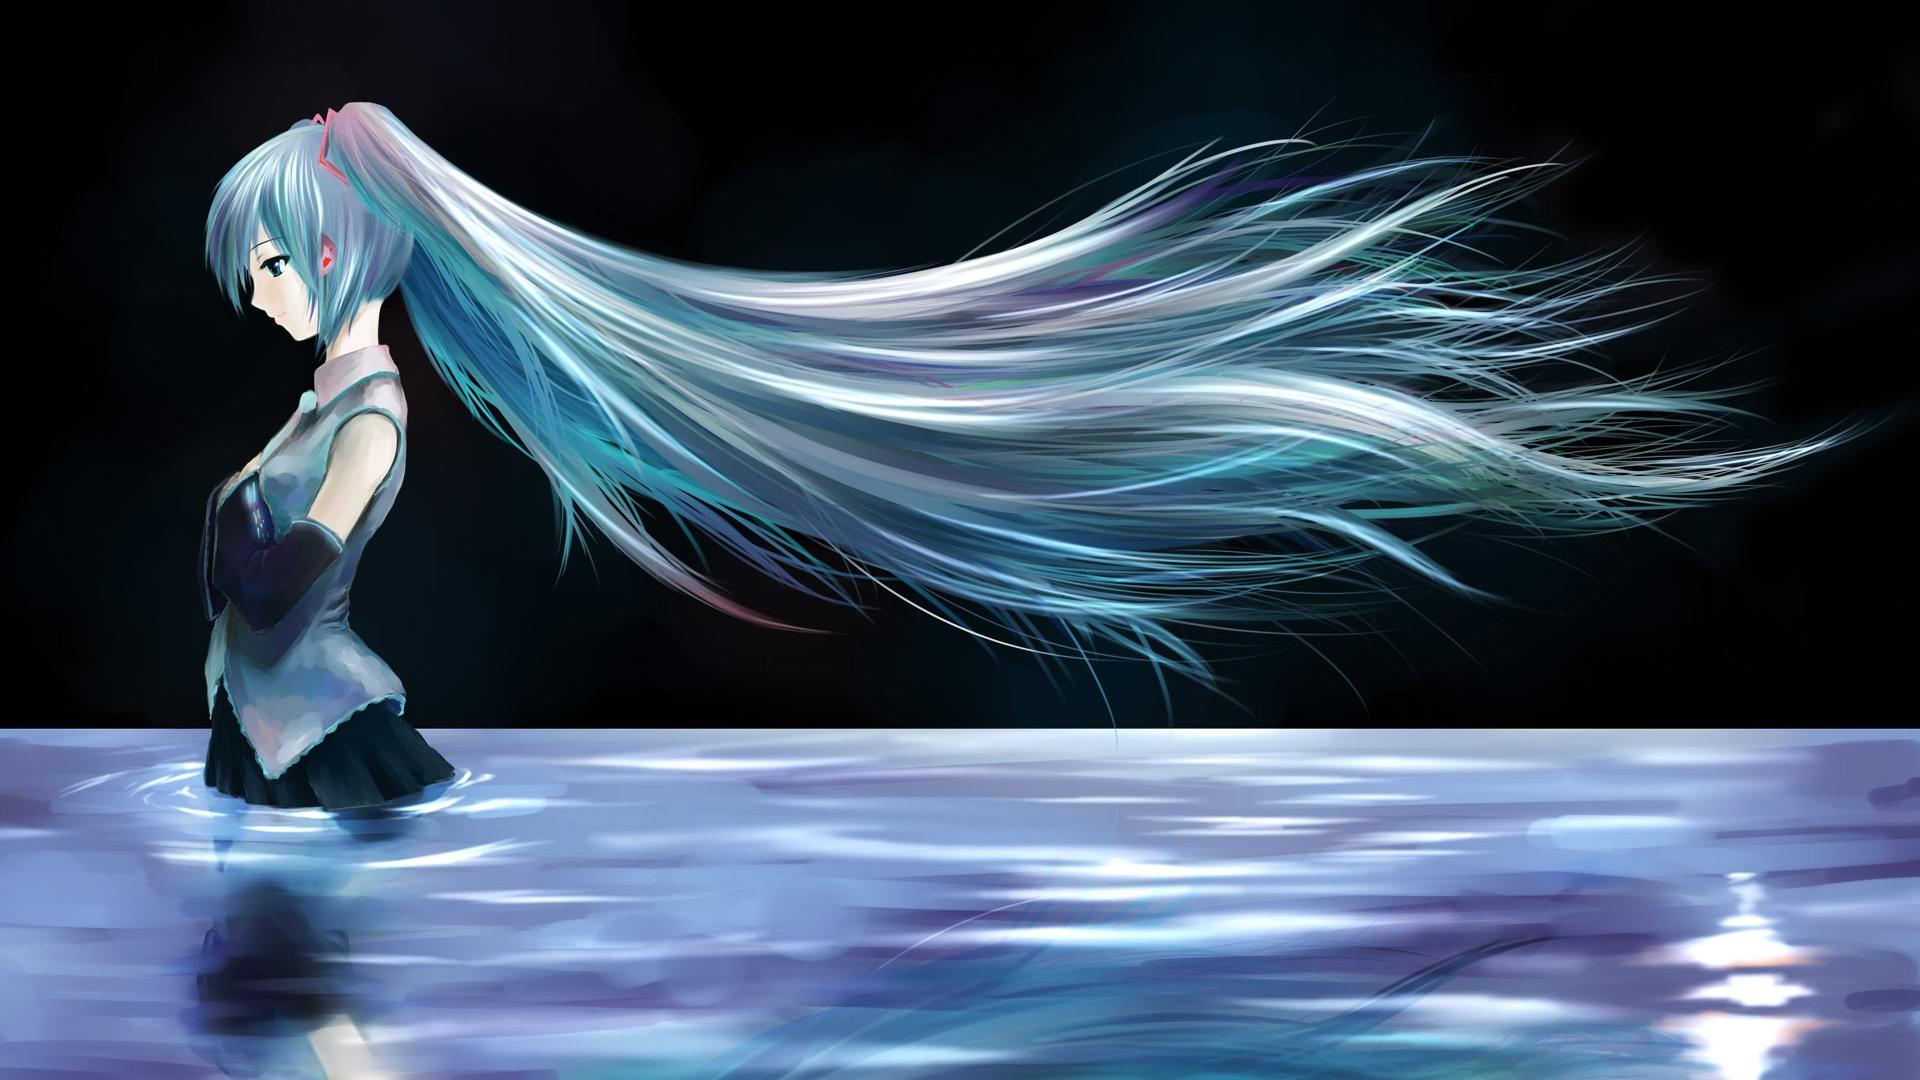 壁紙 水中に立っている青い髪のアニメの女の子 1920x1200 Hd 無料の